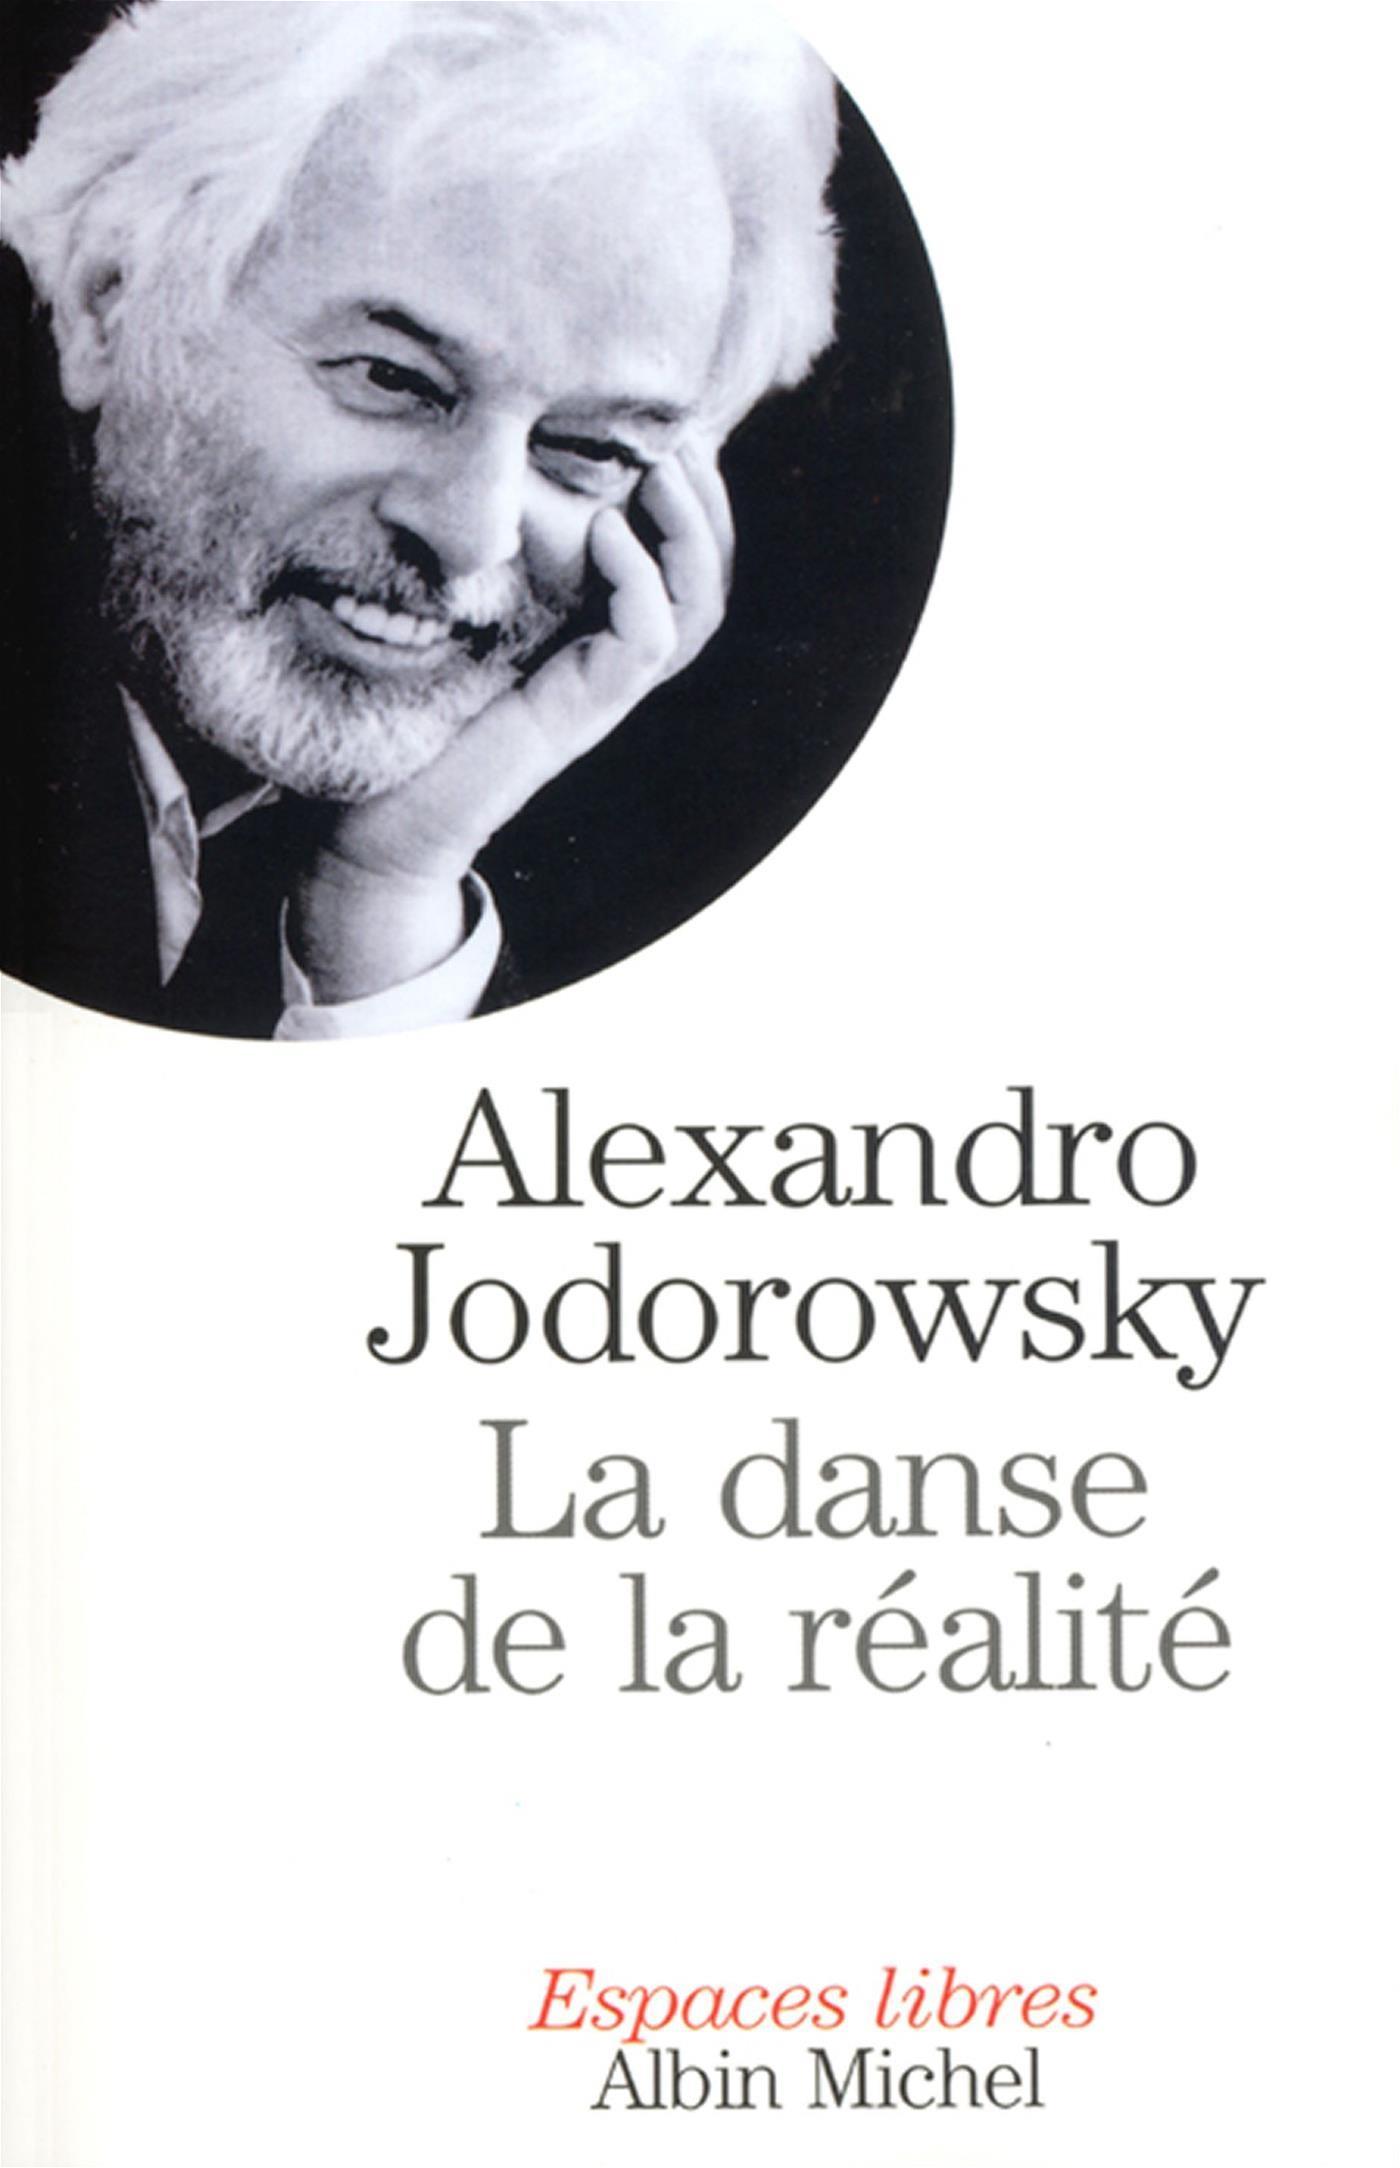 La La Danse de la réalité